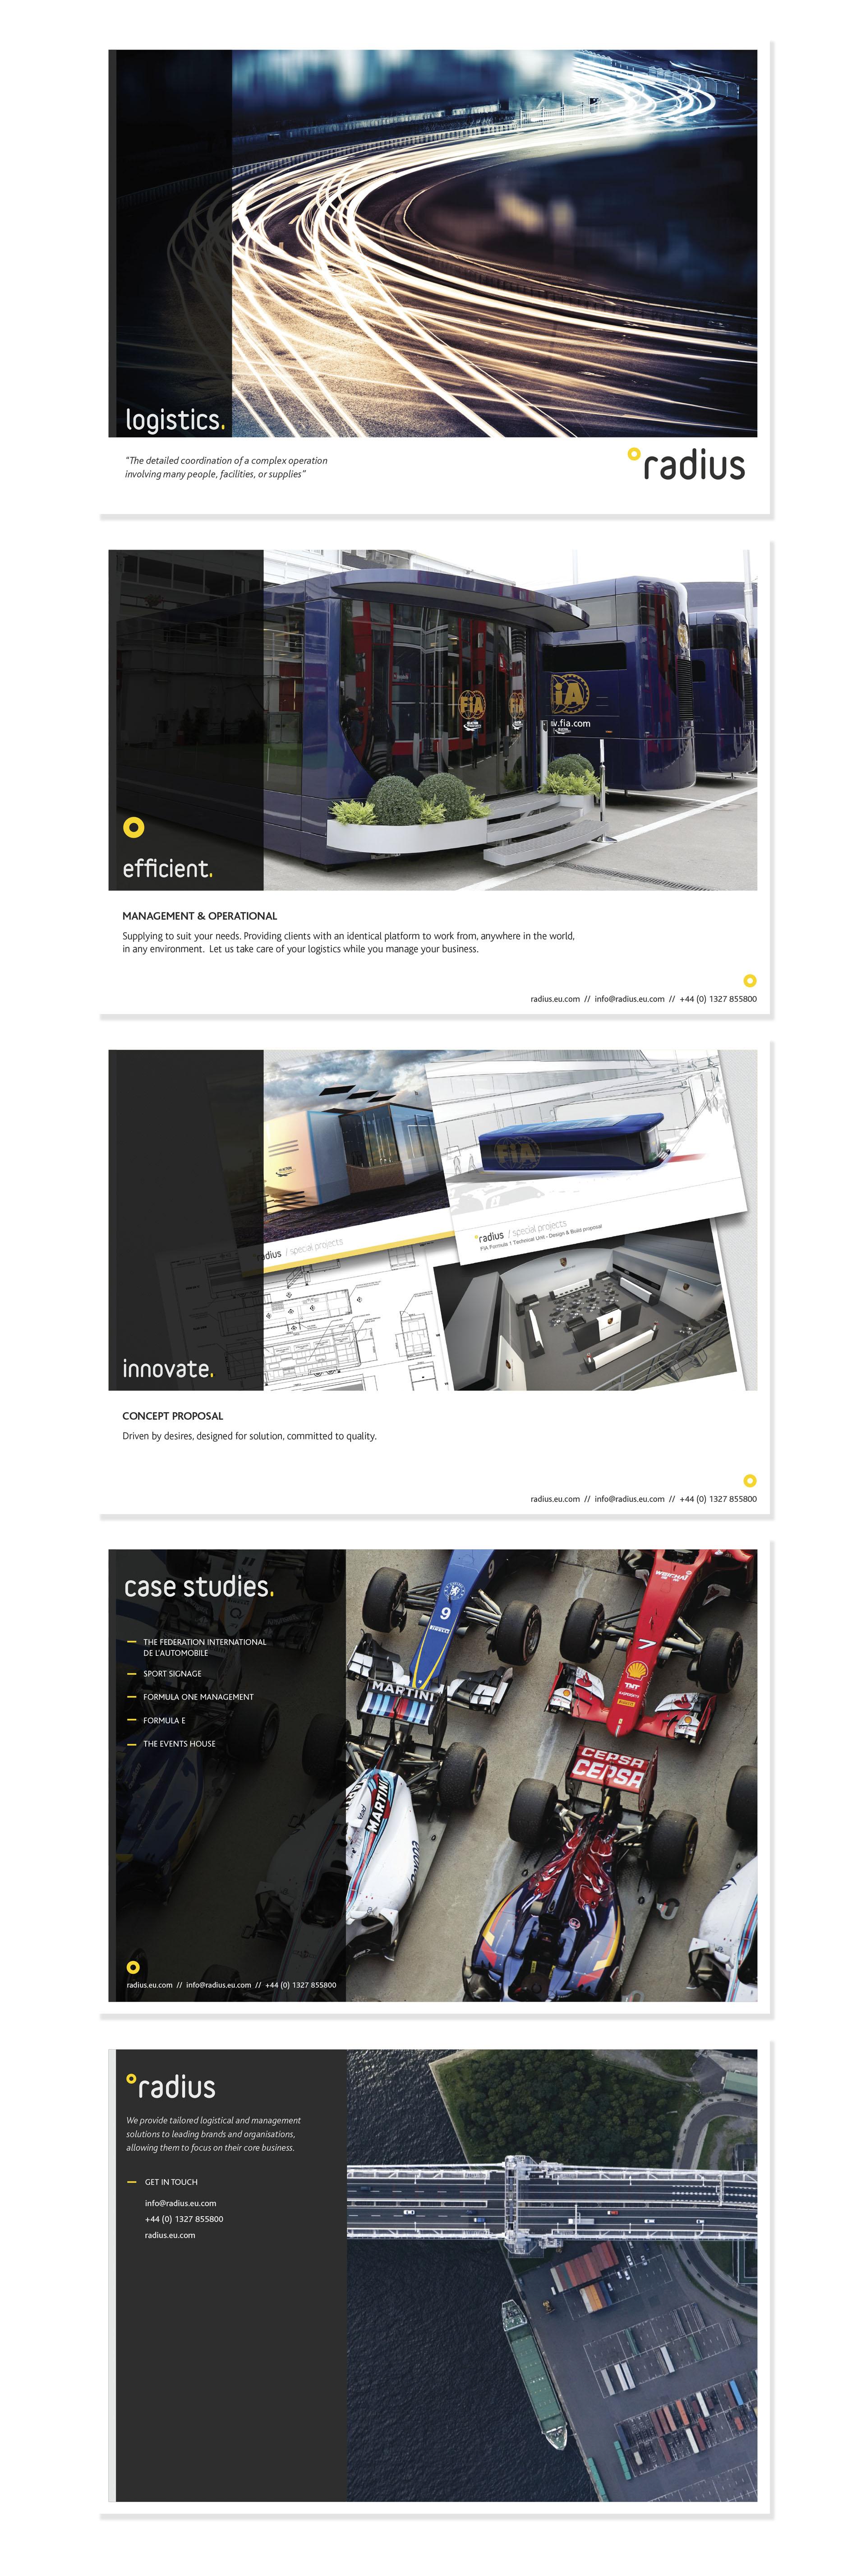 Radius Brochure Design